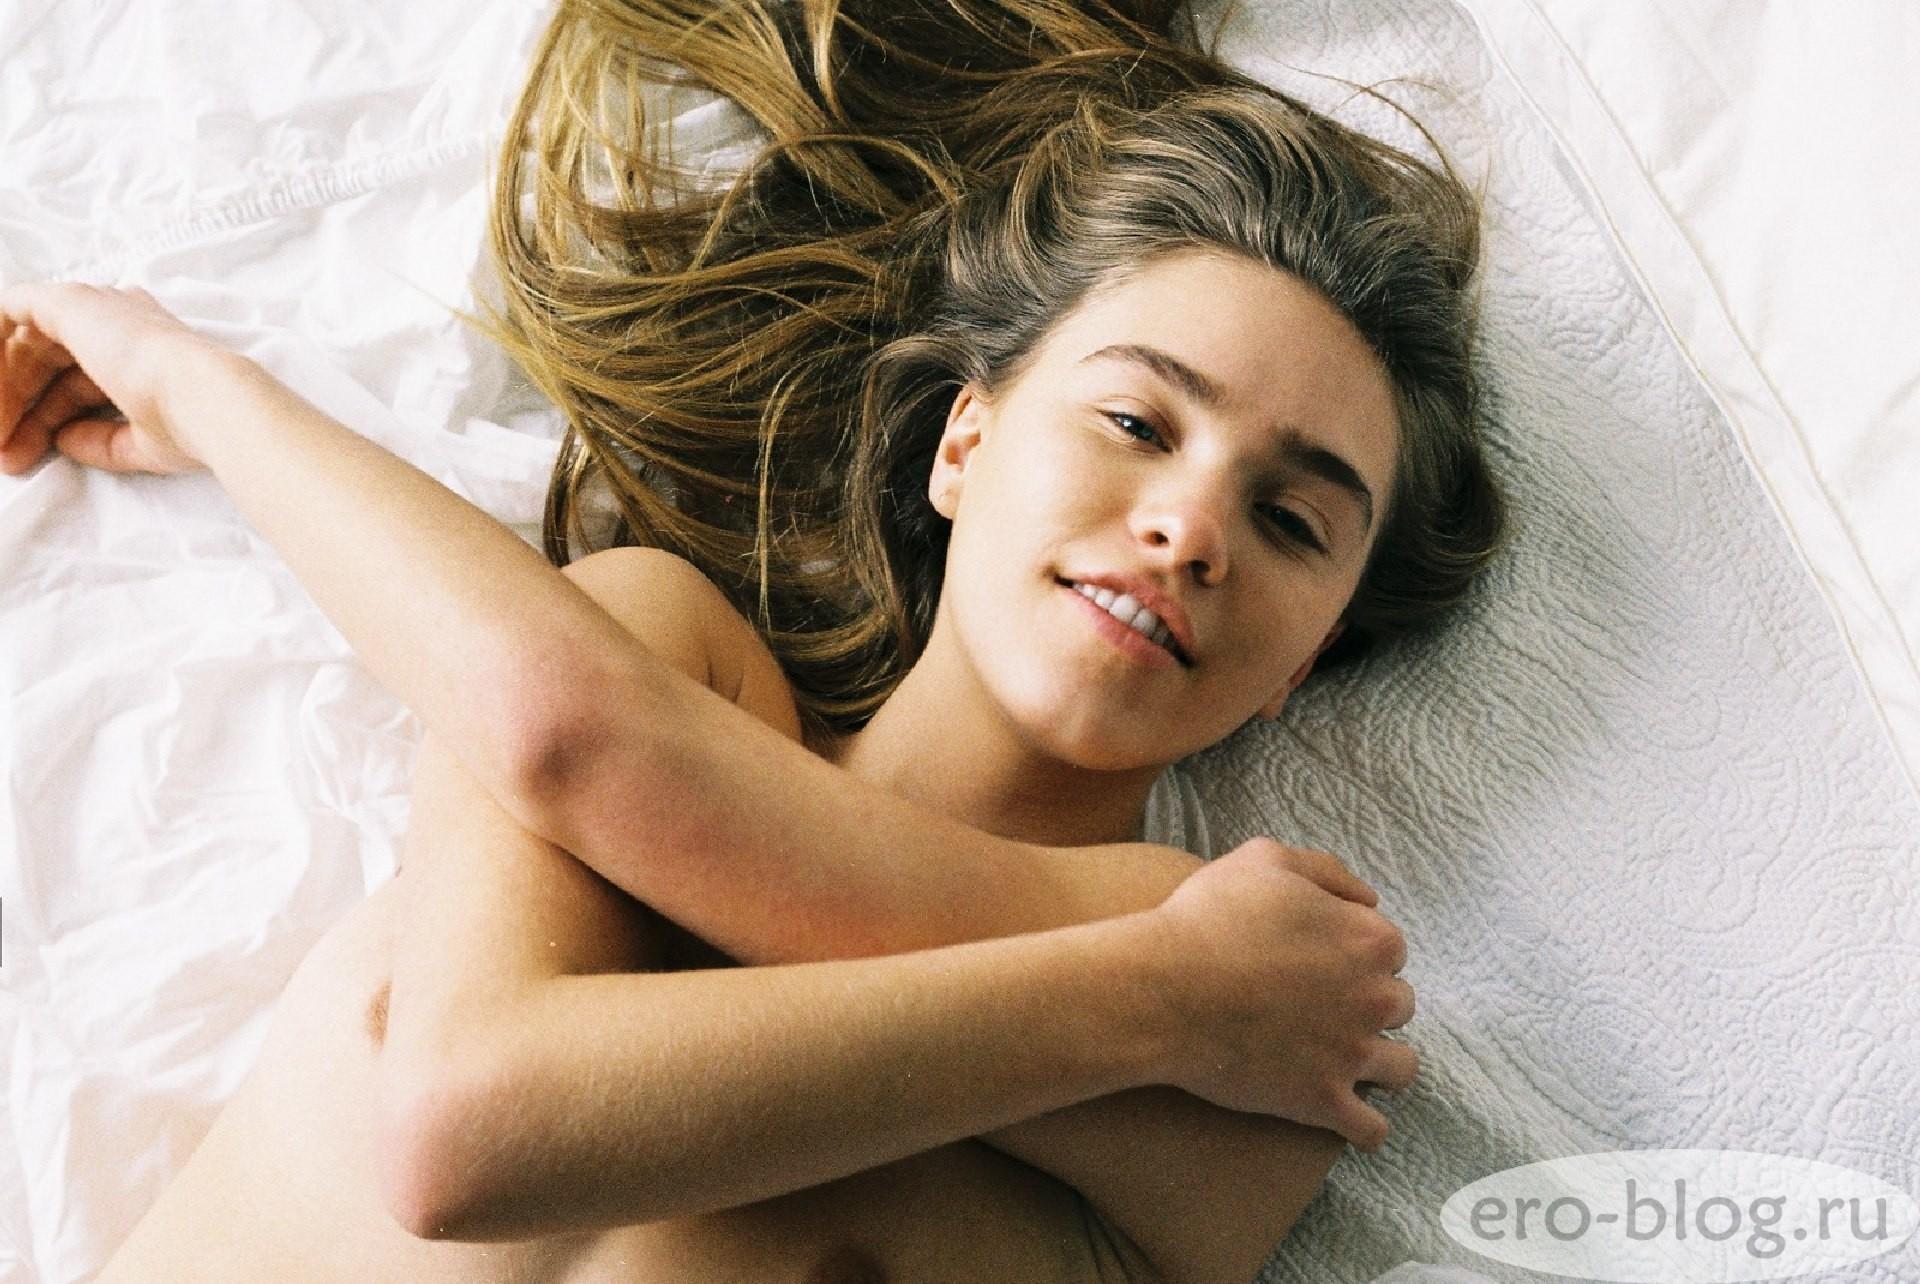 Голая обнаженная Zoe Cross | Зои Кросс интимные фото звезды